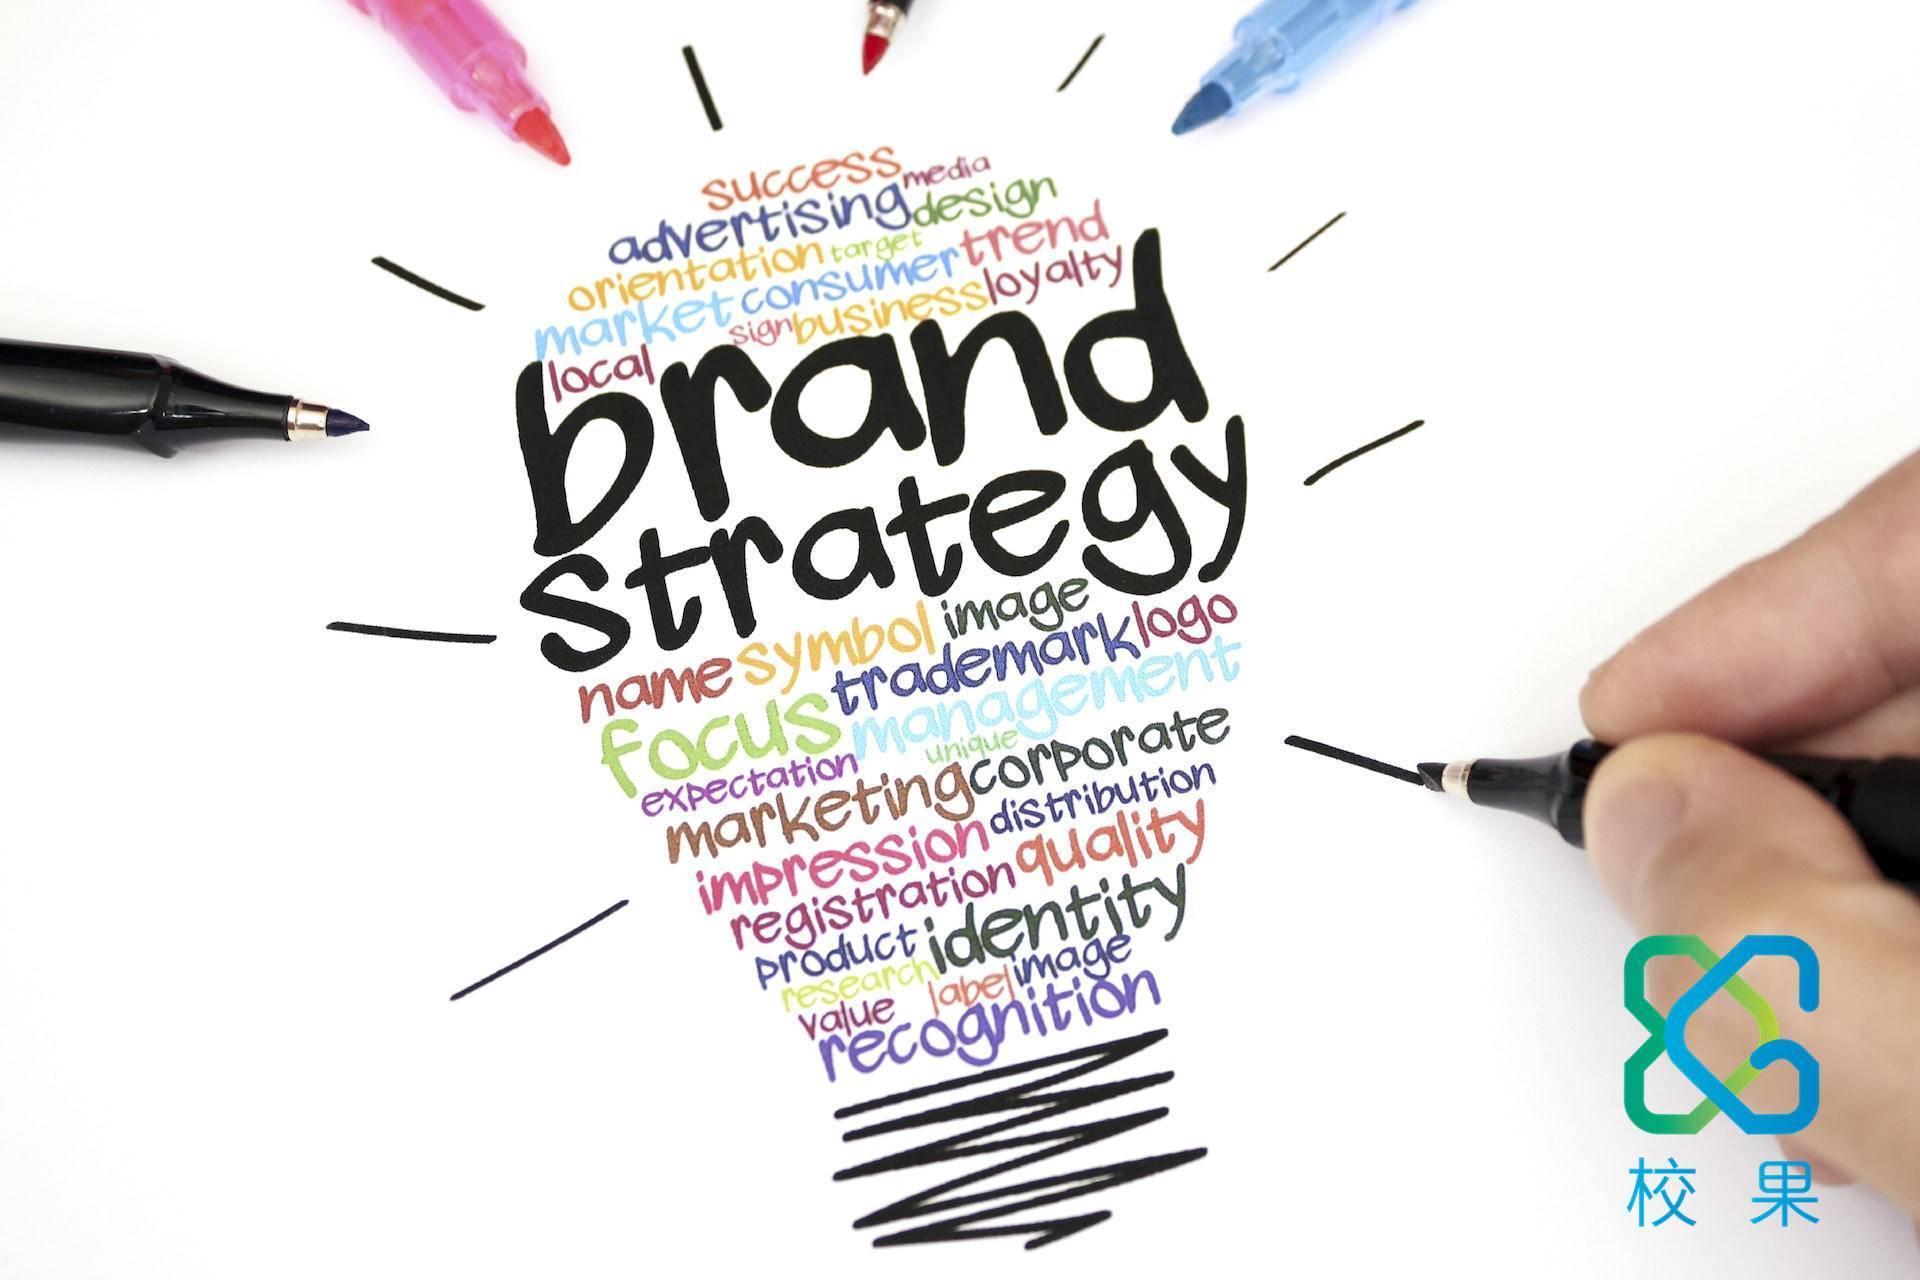 校园营销的社会竞争力和责任感